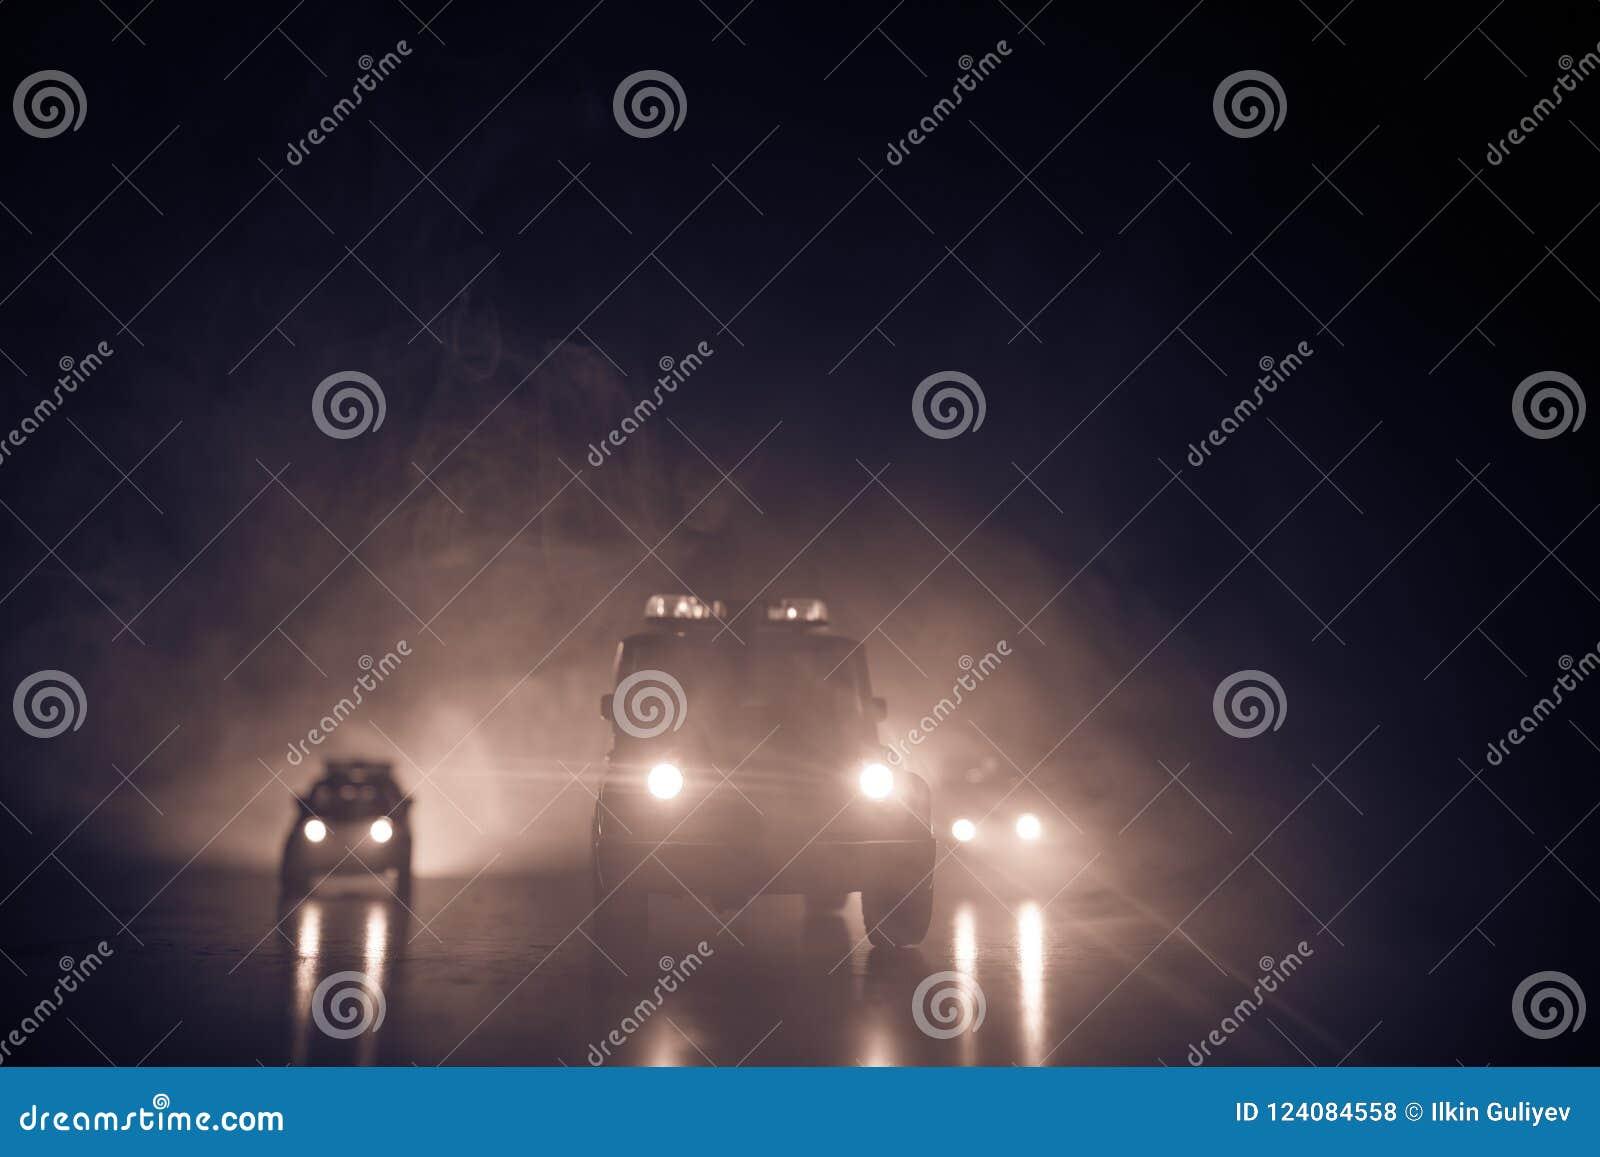 Περιπολικό της Αστυνομίας που χαράζει ένα αυτοκίνητο τη νύχτα με το υπόβαθρο ομίχλης 911 επιτάχυνση περιπολικών της Αστυνομίας επ